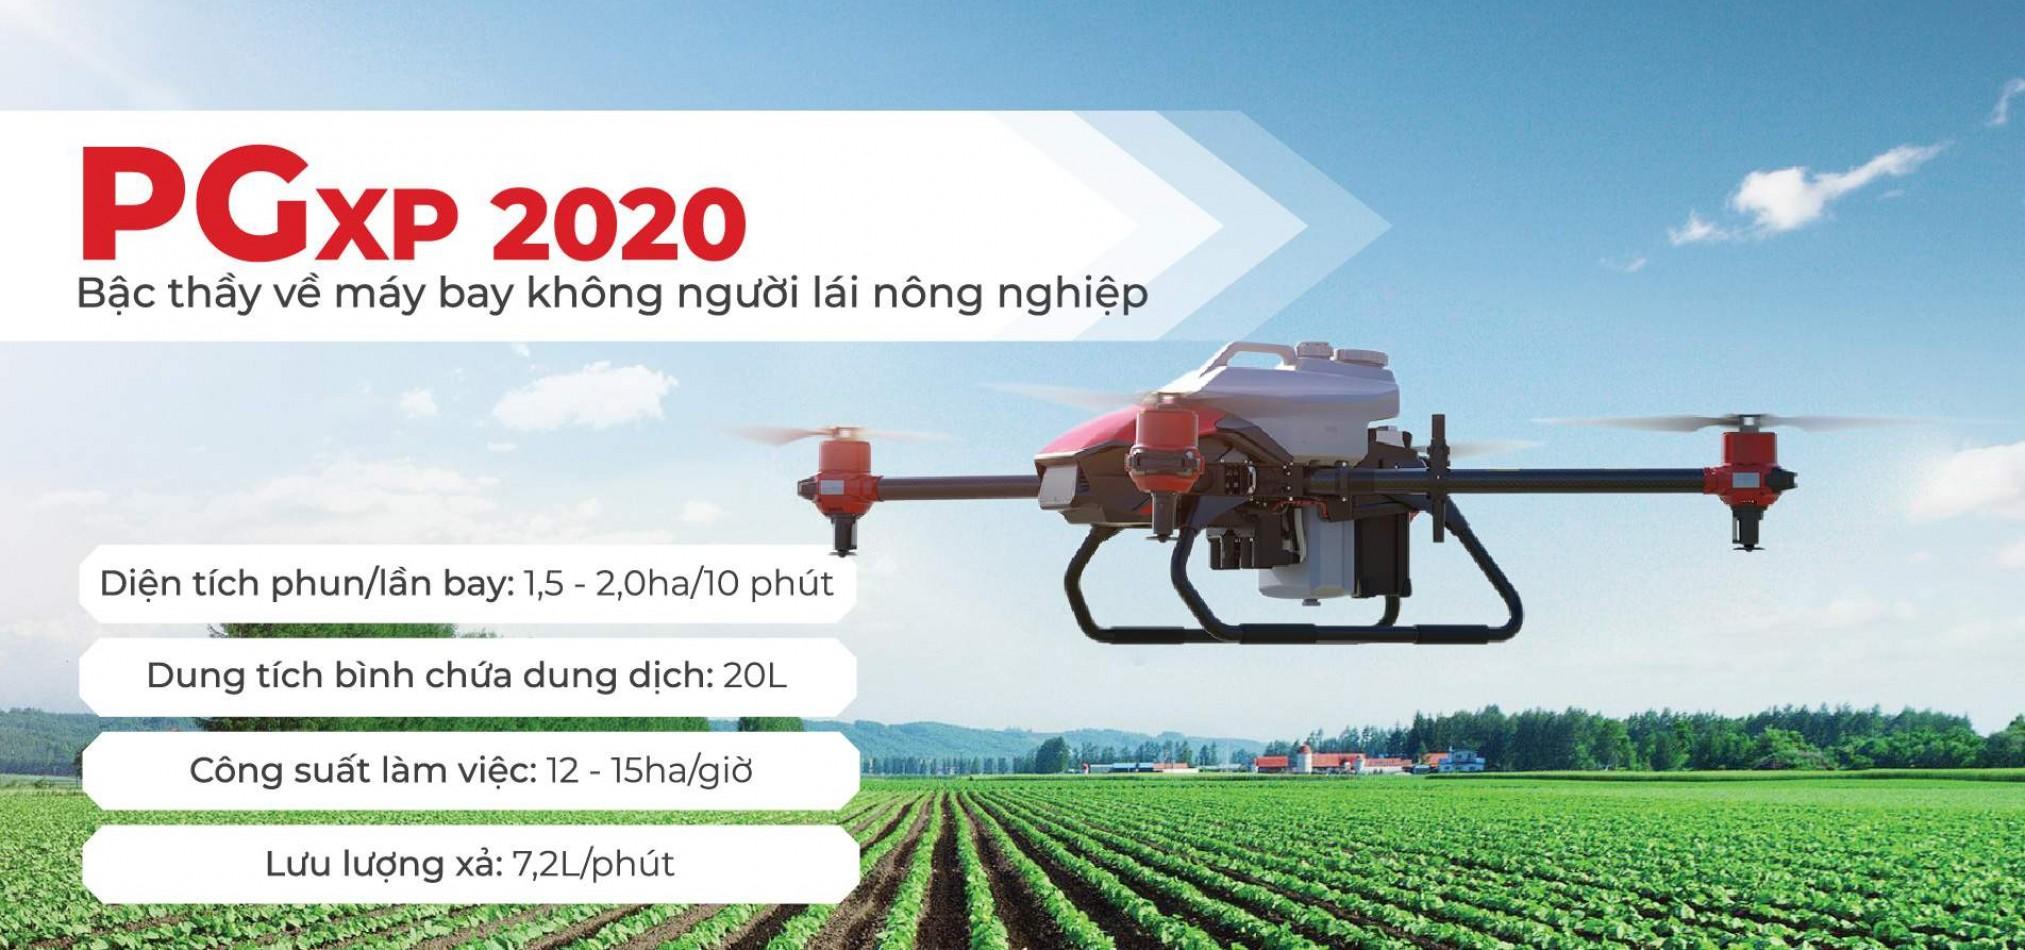 PGxp-2020 - Bậc thầy máy bay nông nghiệp